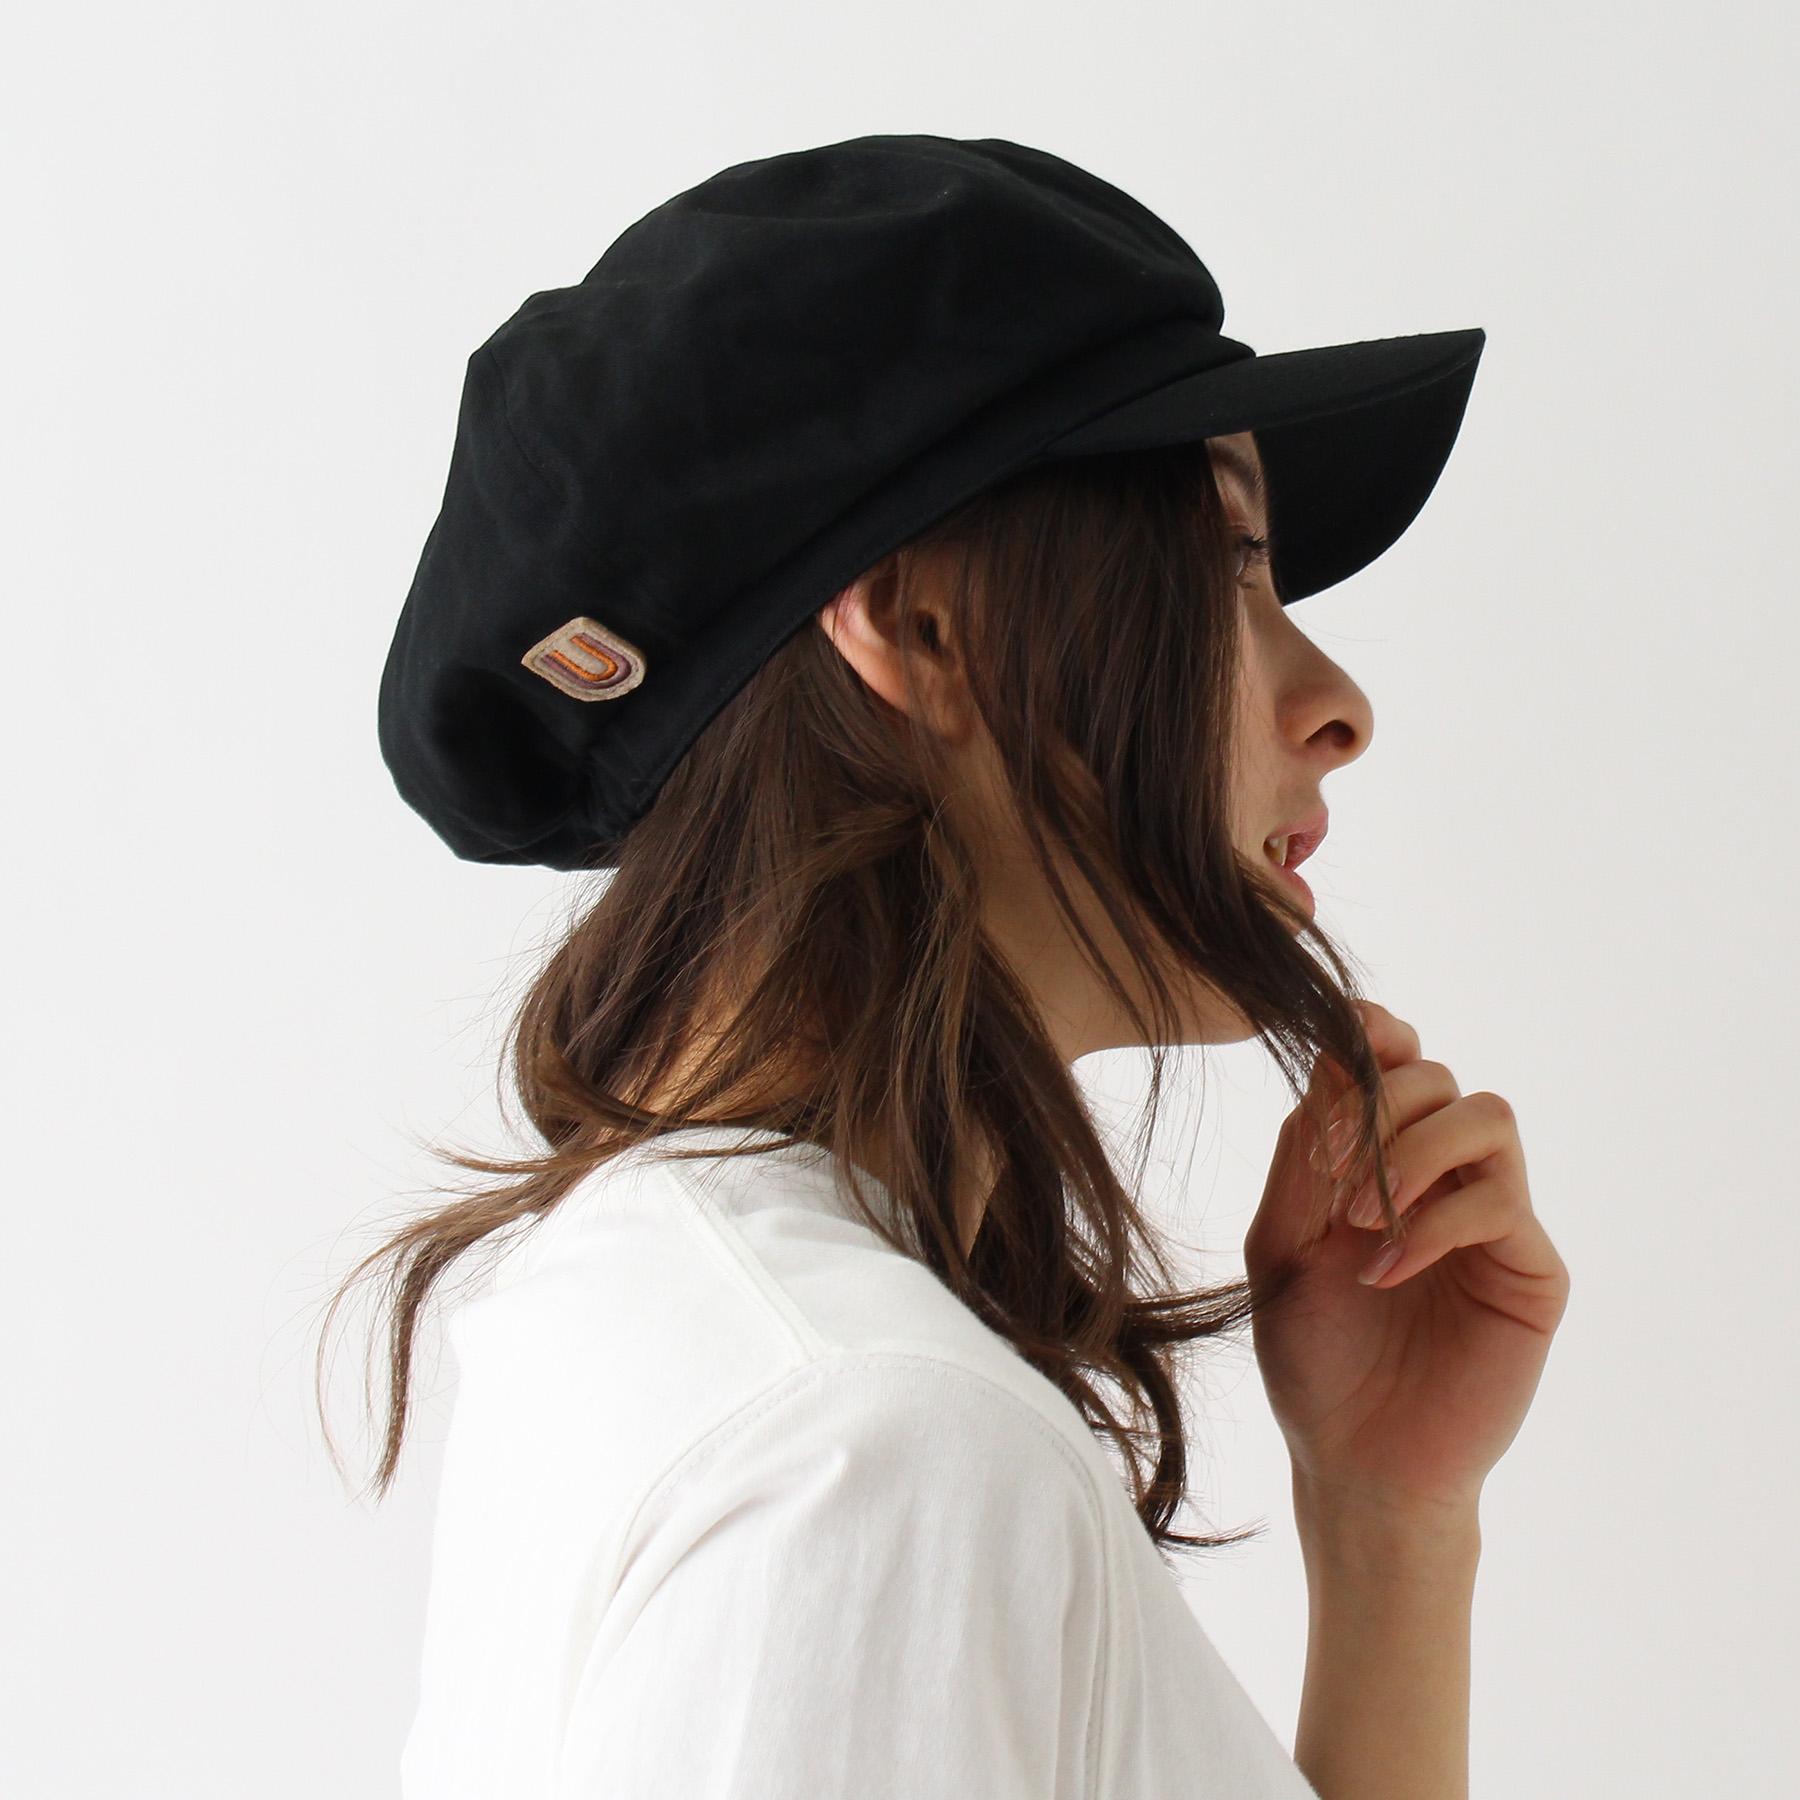 【BASECONTROL LADYS (ベース コントロール レディス)】UNIVERSALOVERALL/ユニバーサルオーバーオール キャスケットレディース 帽子 キャスケット ブラック